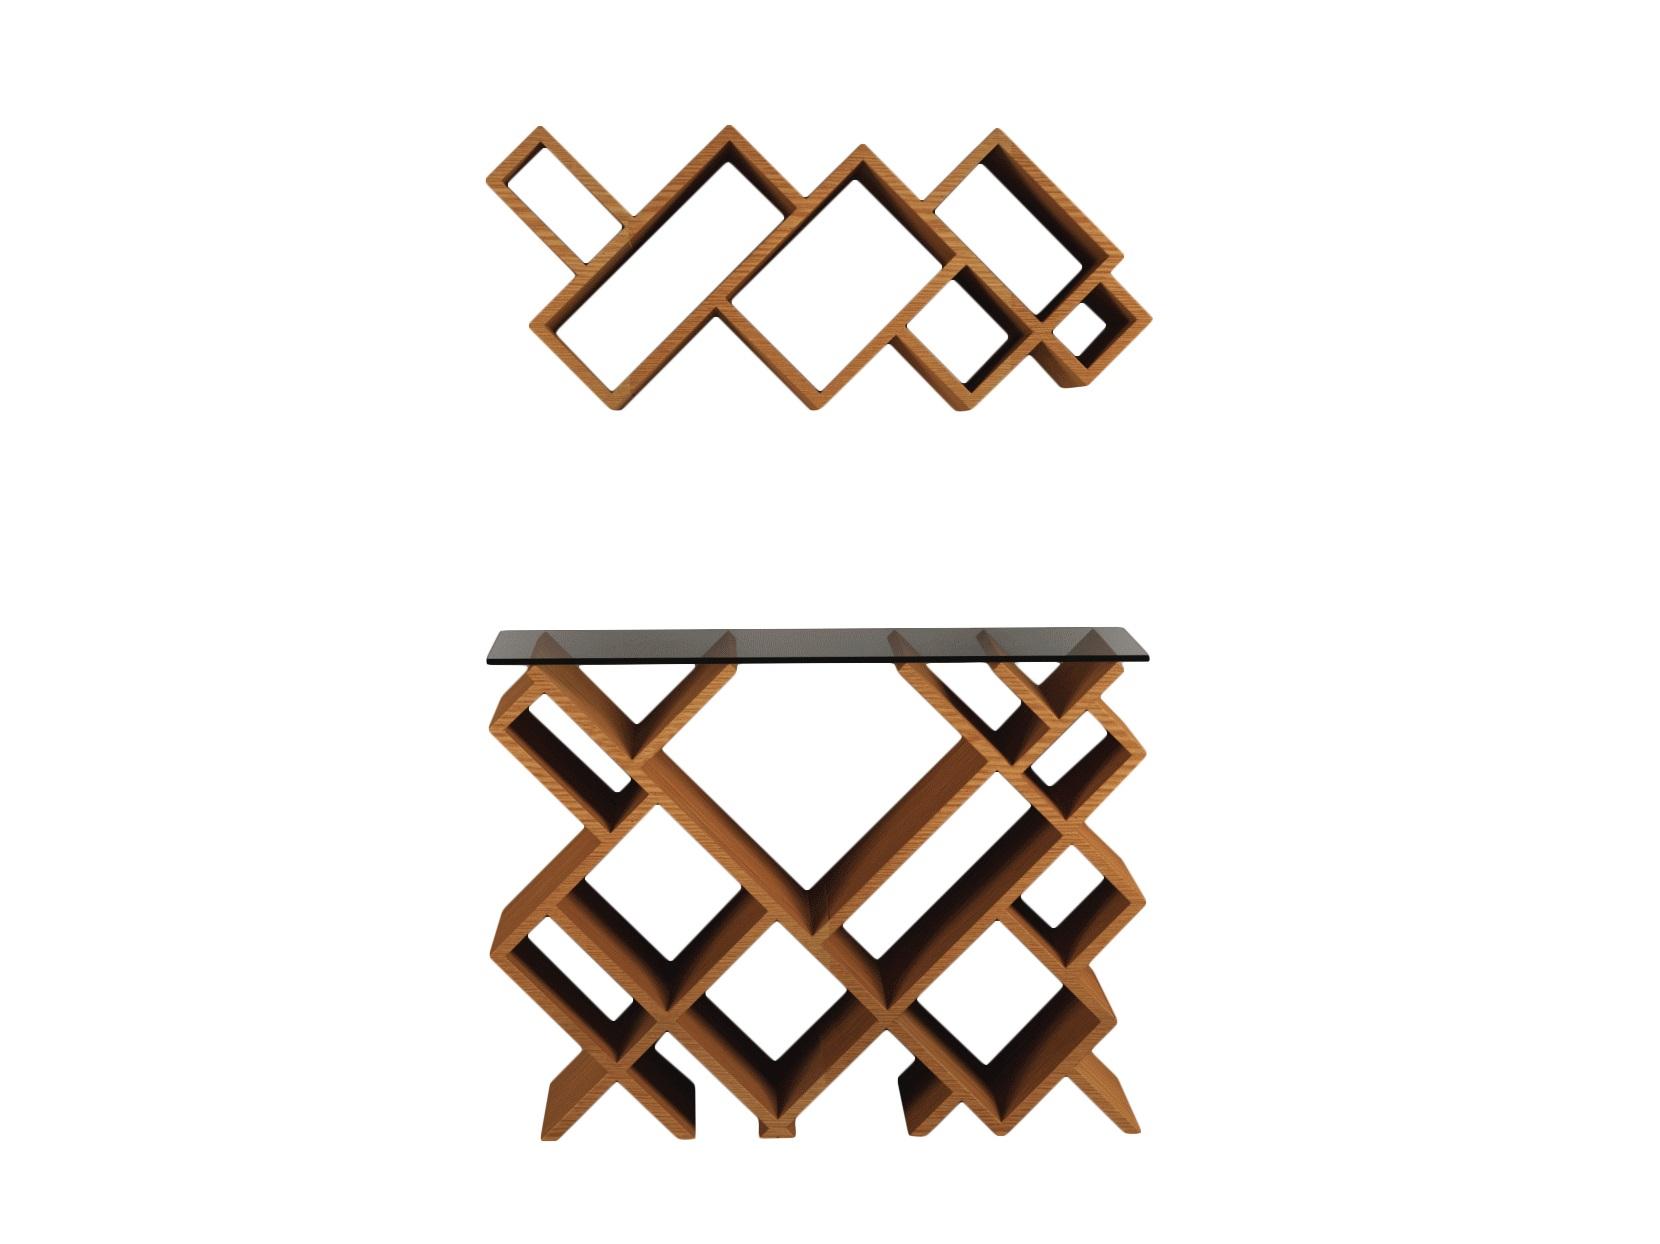 Комплект ГеометрияСтеллажи и этажерки<br>Необычные, современные полка и столик преобразят ваш интерьер!&amp;amp;nbsp;&amp;lt;div&amp;gt;&amp;lt;br&amp;gt;&amp;lt;/div&amp;gt;&amp;lt;div&amp;gt;Материал: МДФ, шпон&amp;lt;/div&amp;gt;&amp;lt;div&amp;gt;Установка требуется&amp;amp;nbsp;&amp;lt;/div&amp;gt;&amp;lt;div&amp;gt;Размеры: верхняя часть - 85x 37x 24см;&amp;lt;/div&amp;gt;&amp;lt;div&amp;gt;Нижняя часть - 85x67x24см&amp;lt;/div&amp;gt;<br><br>Material: МДФ<br>Width см: 67<br>Depth см: 24<br>Height см: 85